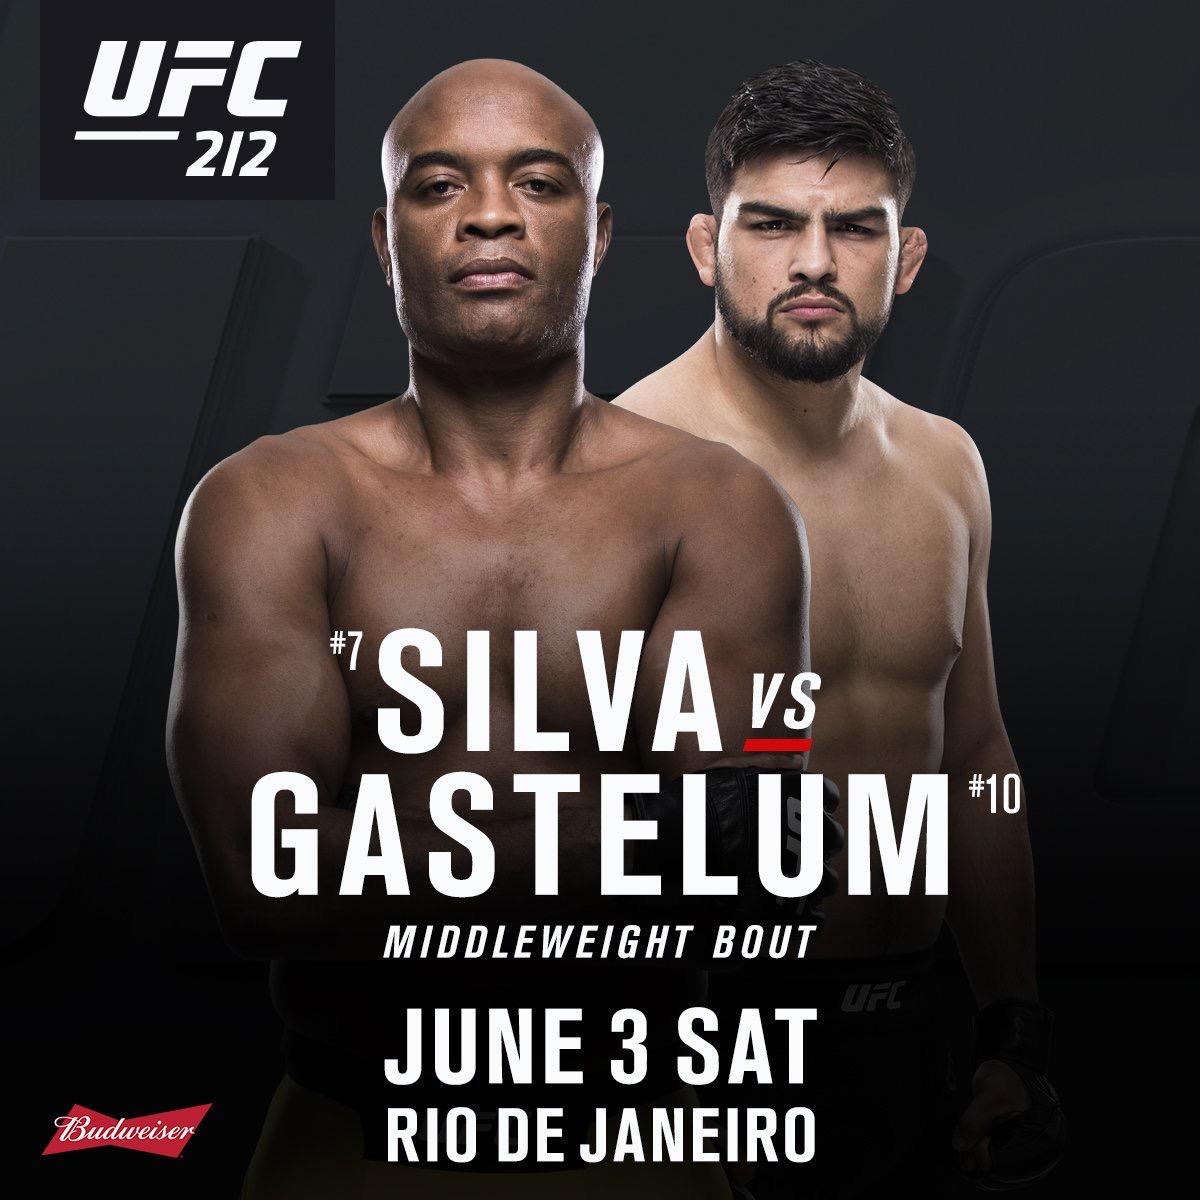 Gastelum gets Anderson at UFC 212 -